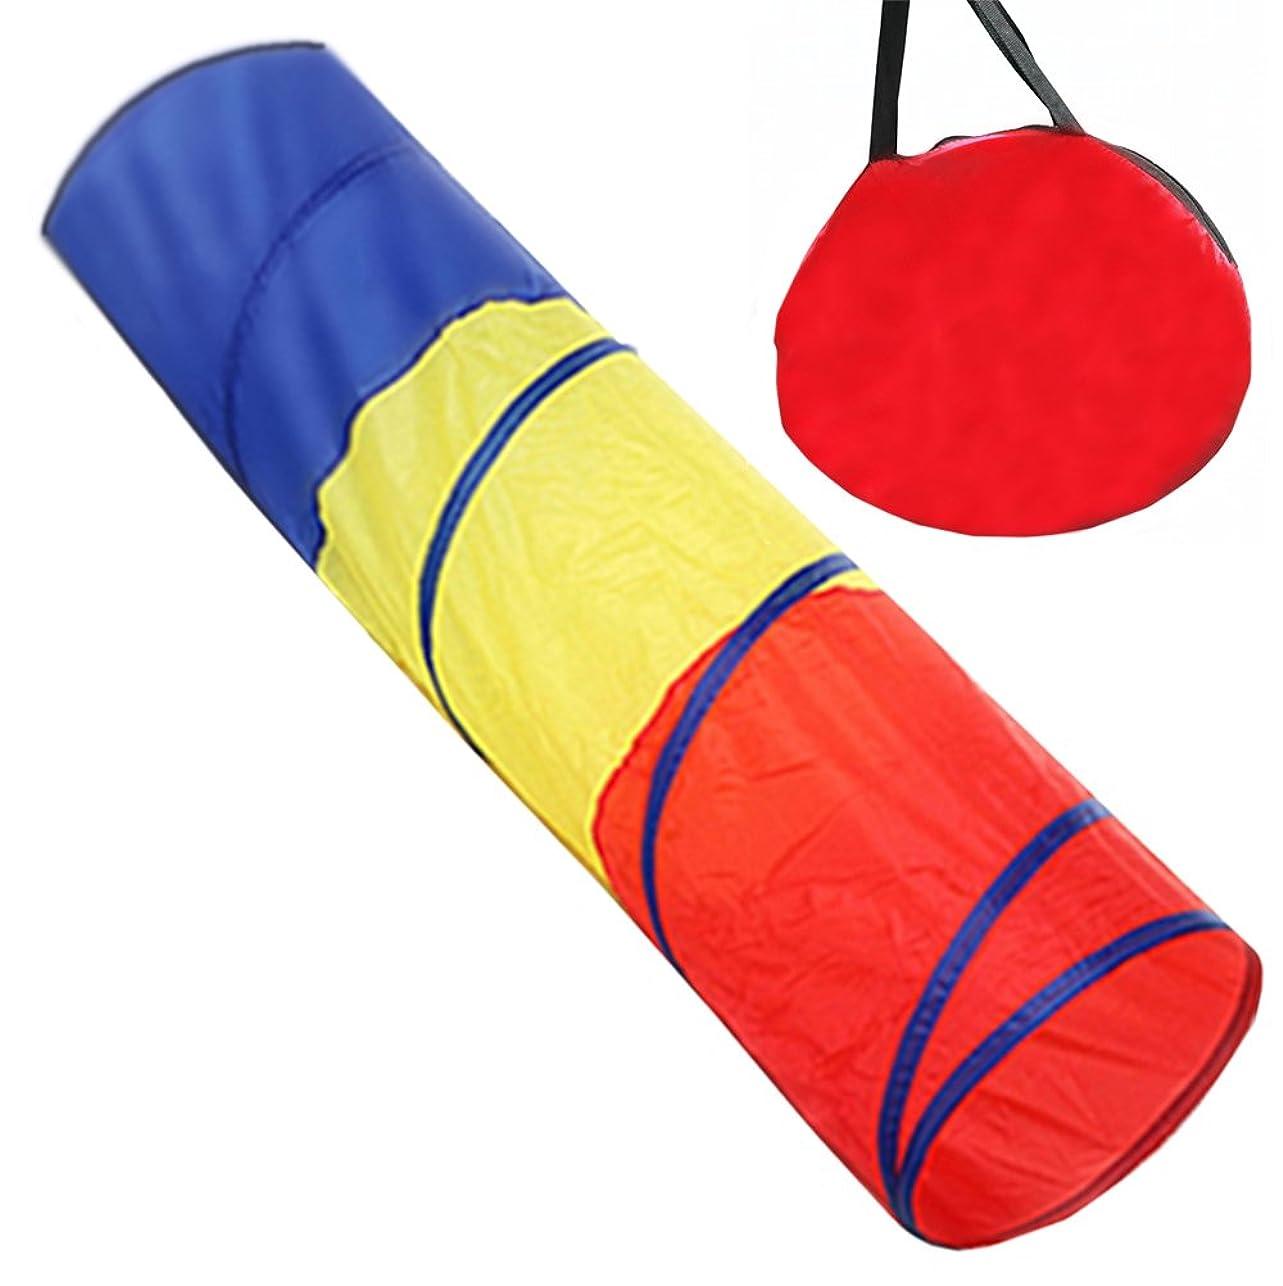 巨人どんなときも決定BeneBomoキッズテント インディアン 子供用テント プレーマット付き 真綿 Kids Tent プレイテント 子供テントハウス 設置簡単 キャリーバッグ付き 通気良い おもちゃ収納 テントセット (動物)